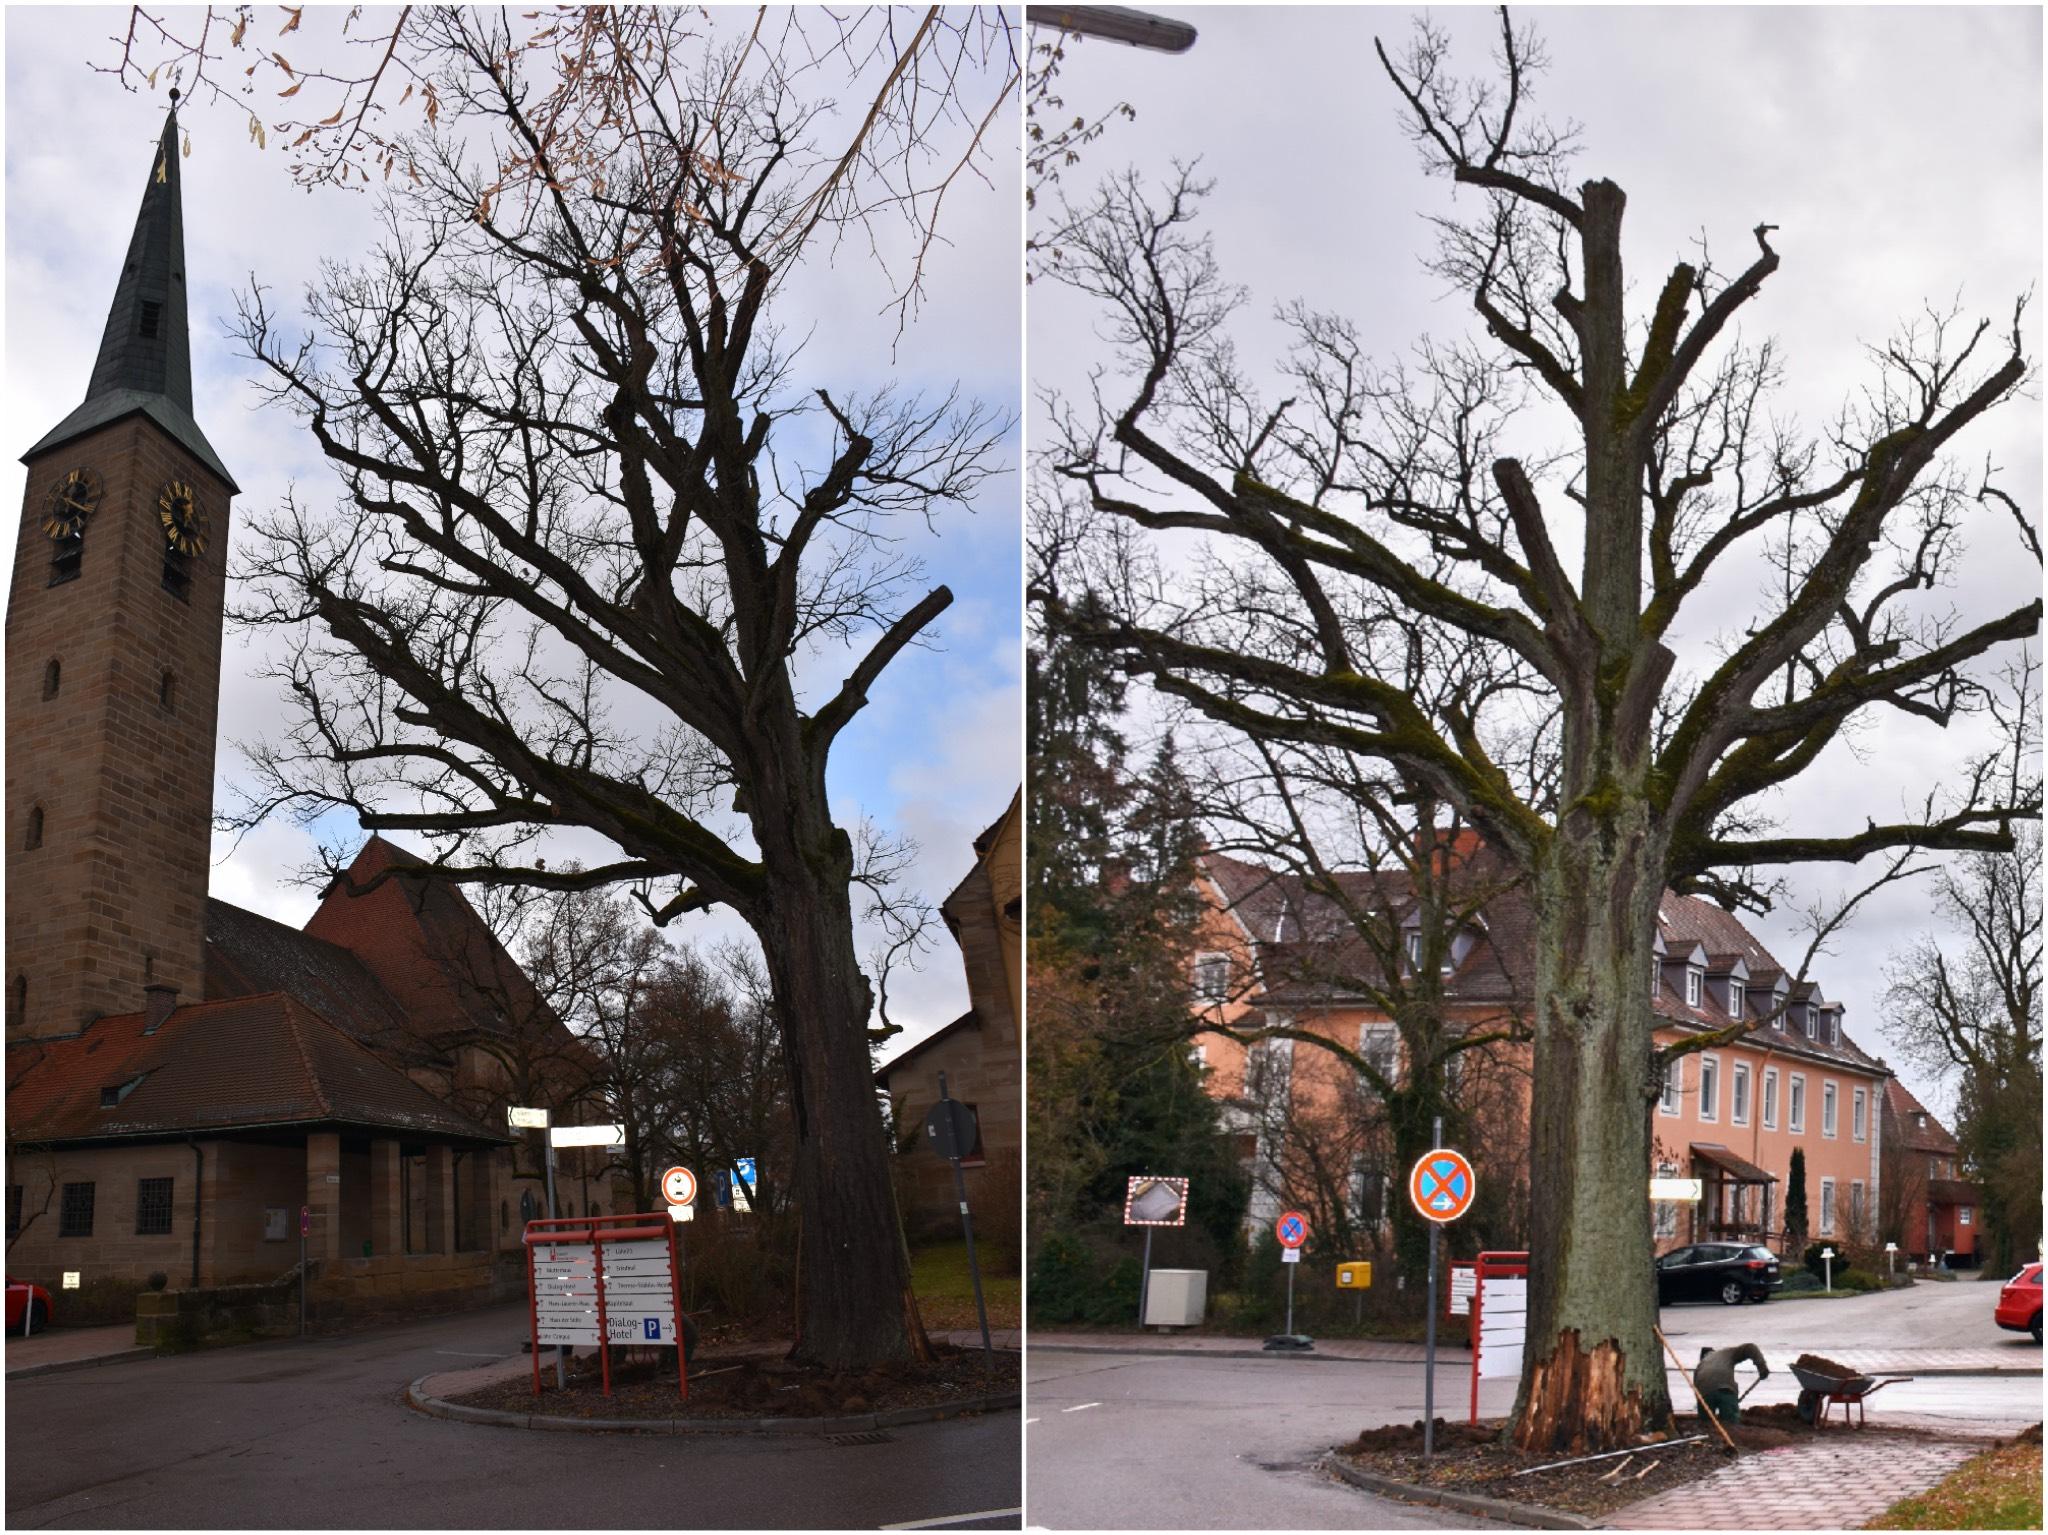 Die Friedenseiche in Neuendettelsau. Fotos: Diakonie Neuendettelsau/Thomas Schaller